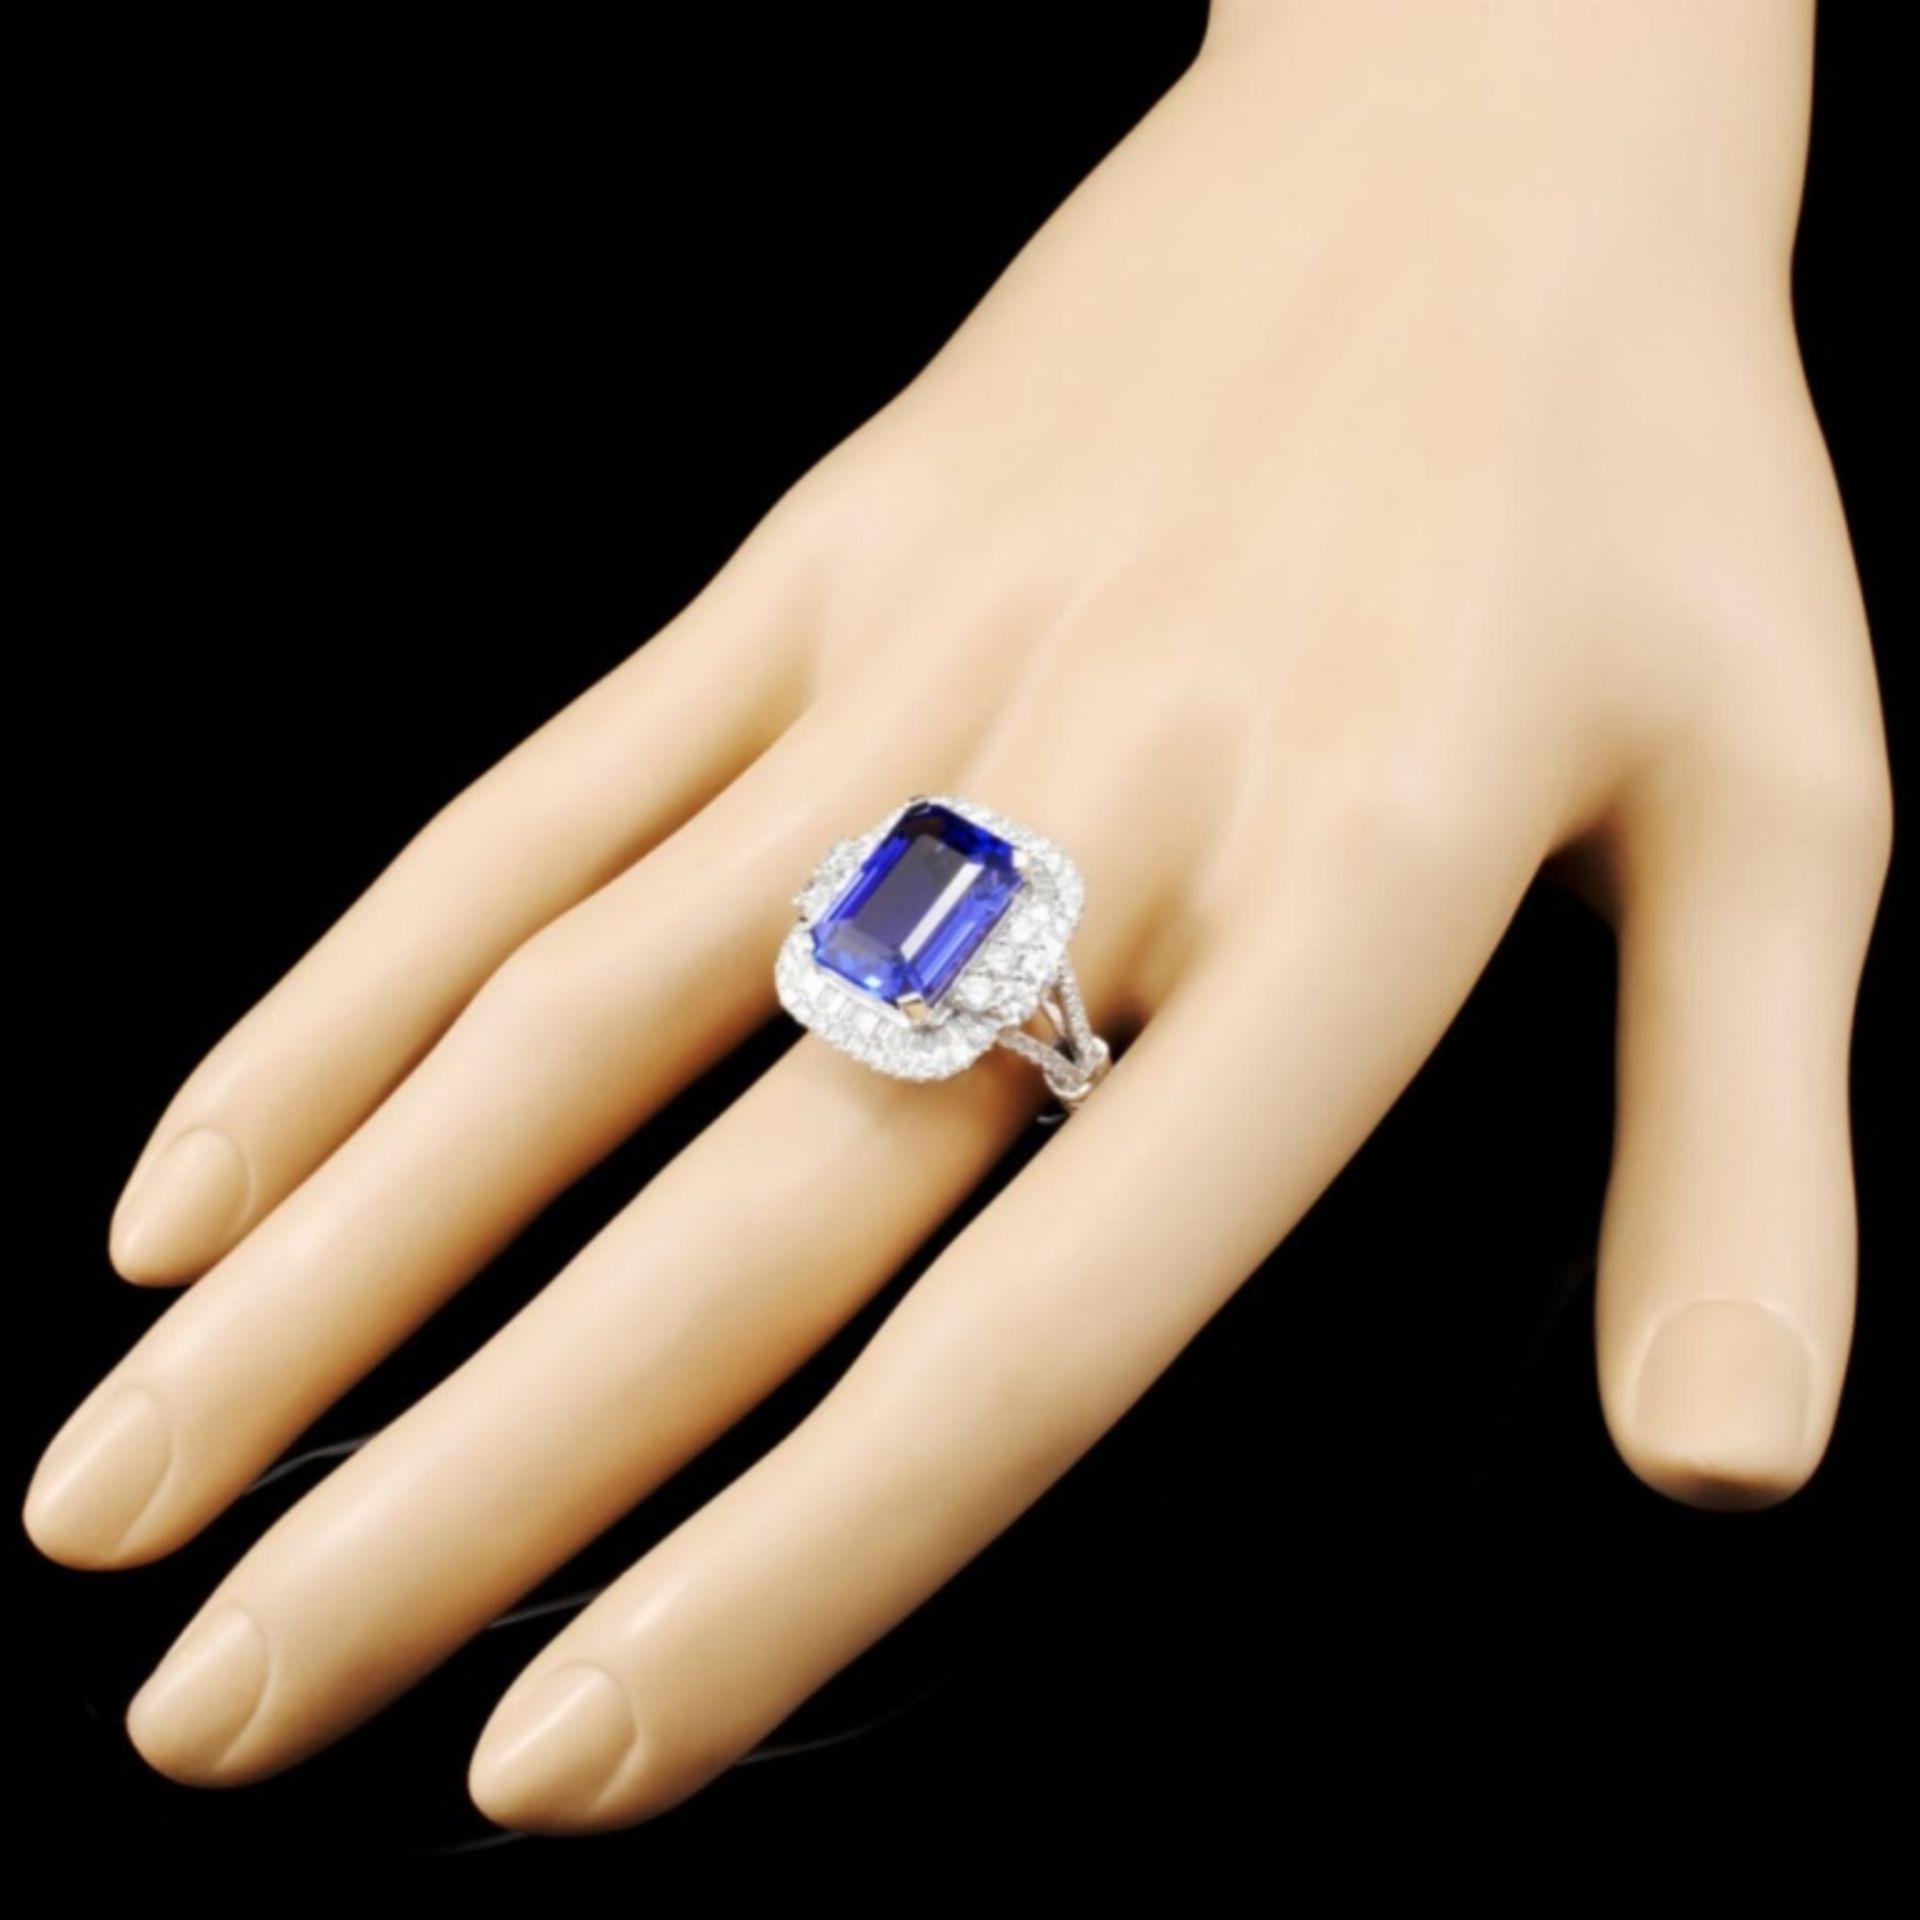 18K Gold 8.12ct Tanzanite & 1.58ctw Diamond Ring - Image 3 of 5